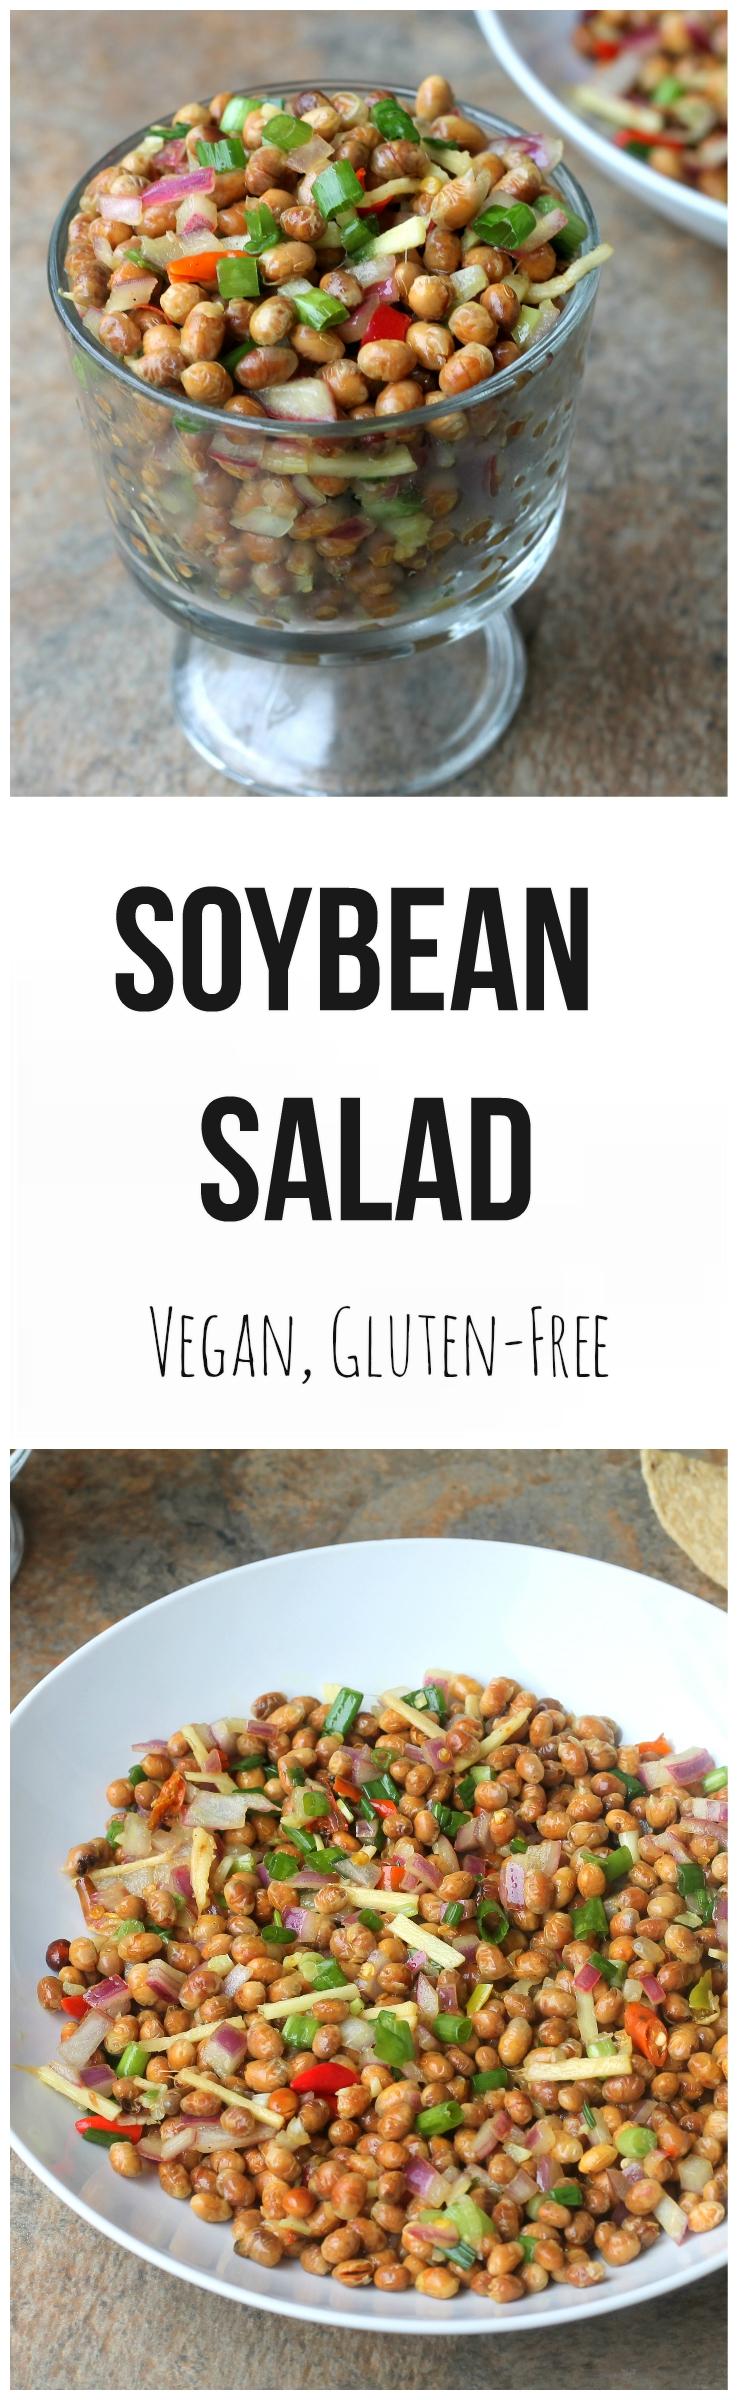 soybeansalad